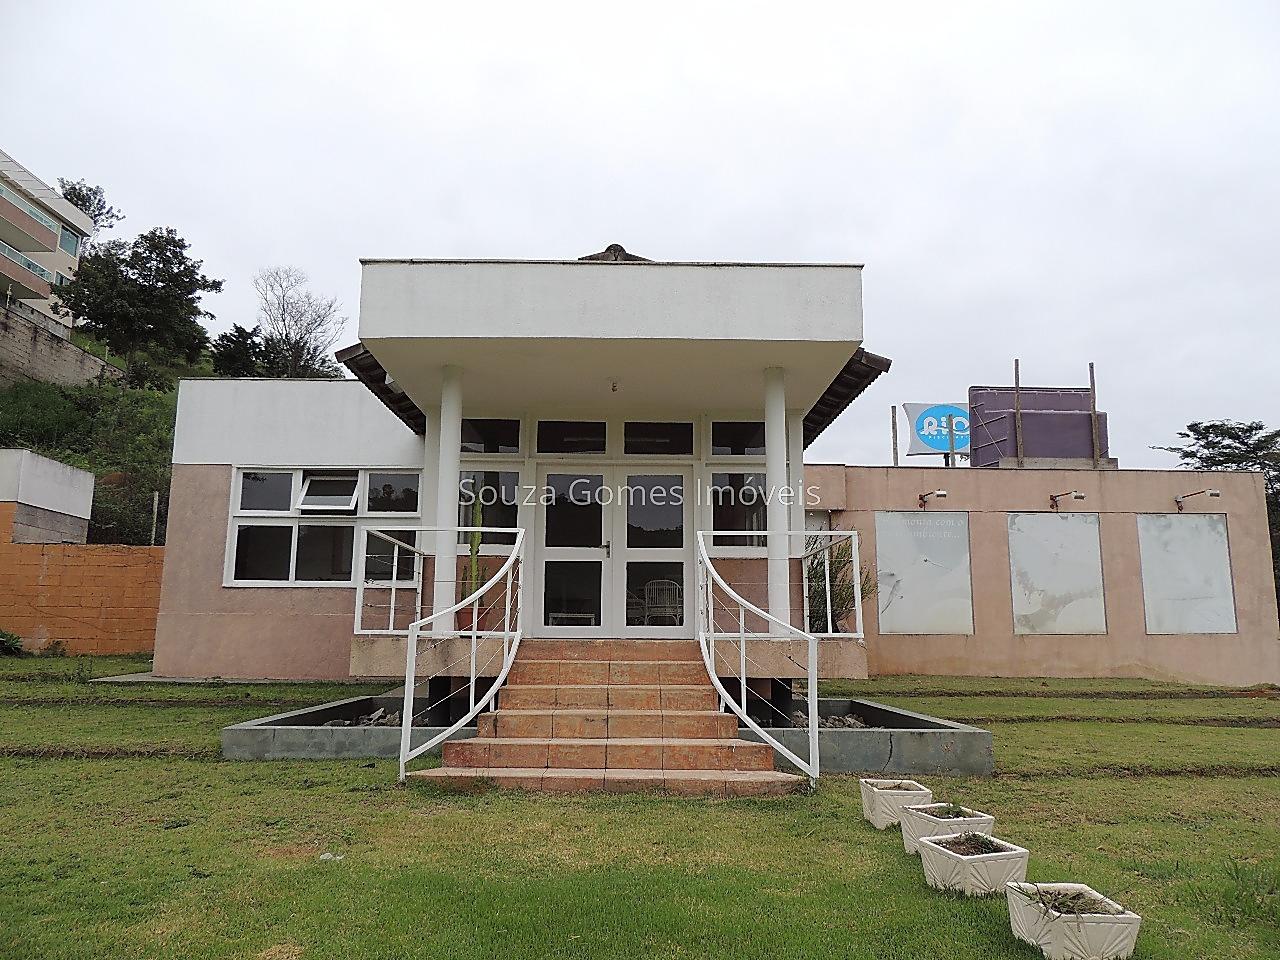 Ref.: 6021 - Casa 1 qto - Grama